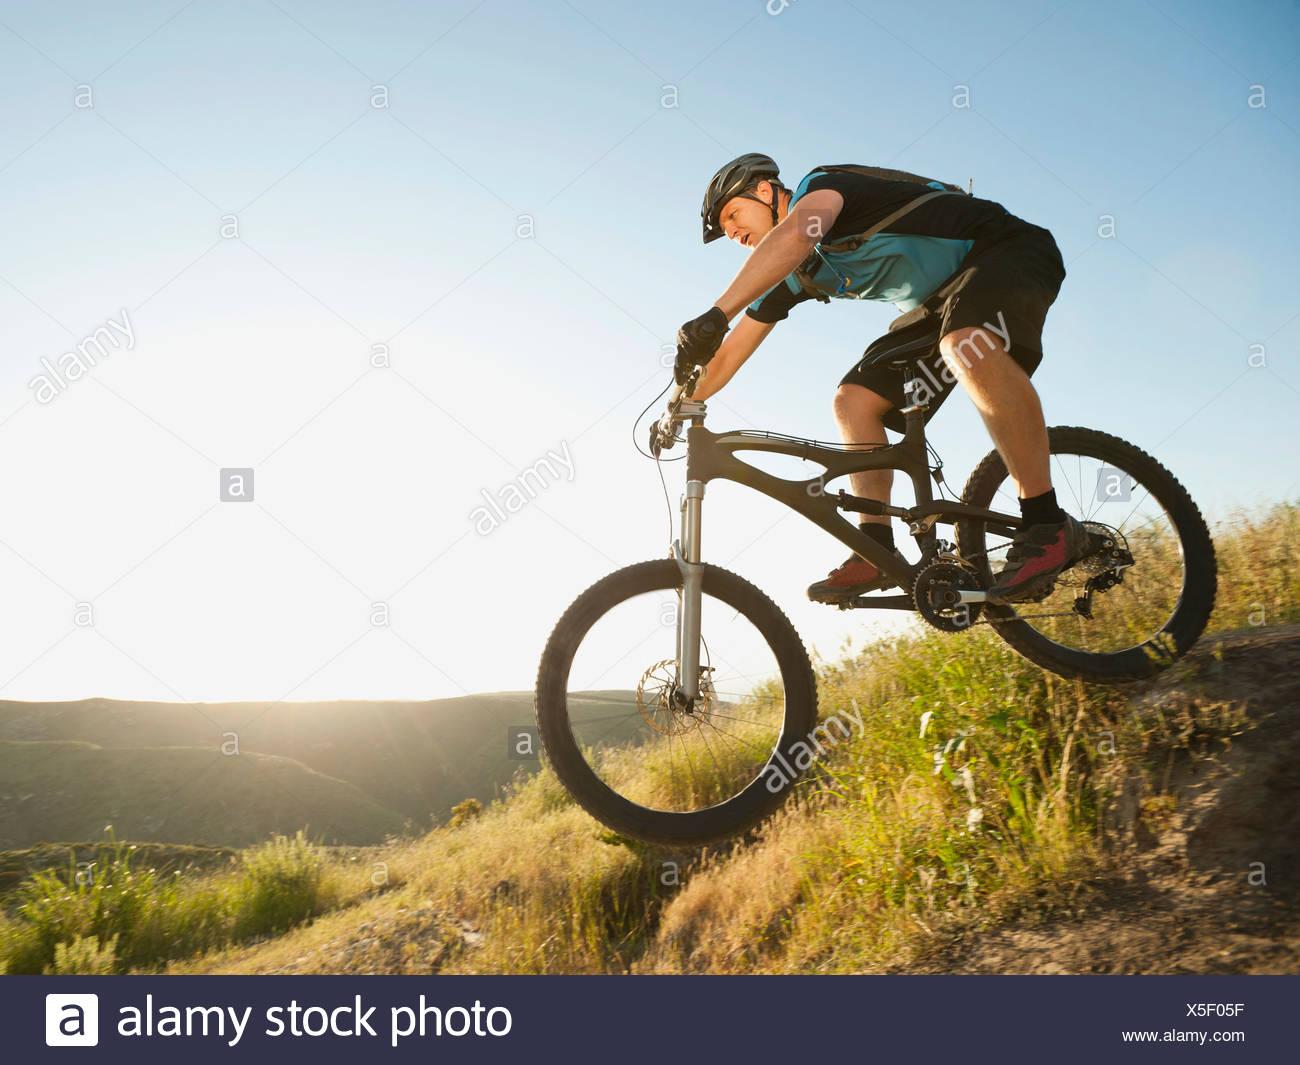 États-unis, Californie, Laguna Beach, du vélo de montagne équitation ski Banque D'Images